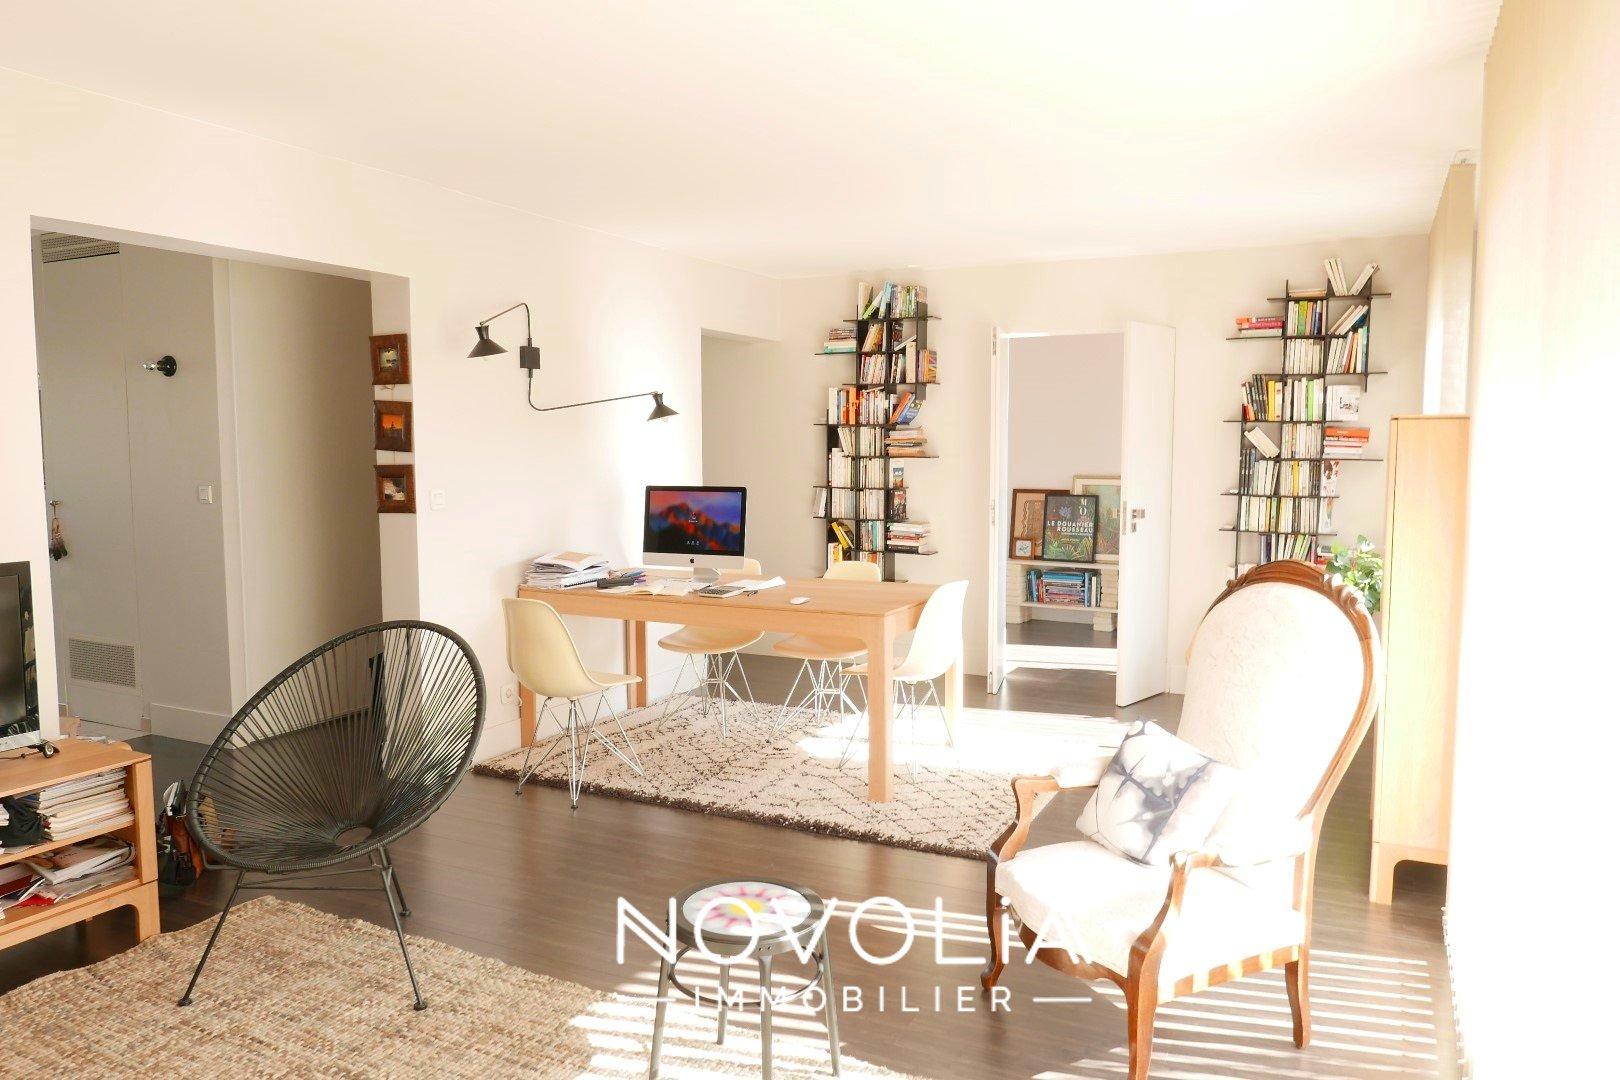 Achat Appartement Surface de 79.86 m²/ Total carrez : 79 m², 3 pièces, Lyon 7ème (69007)